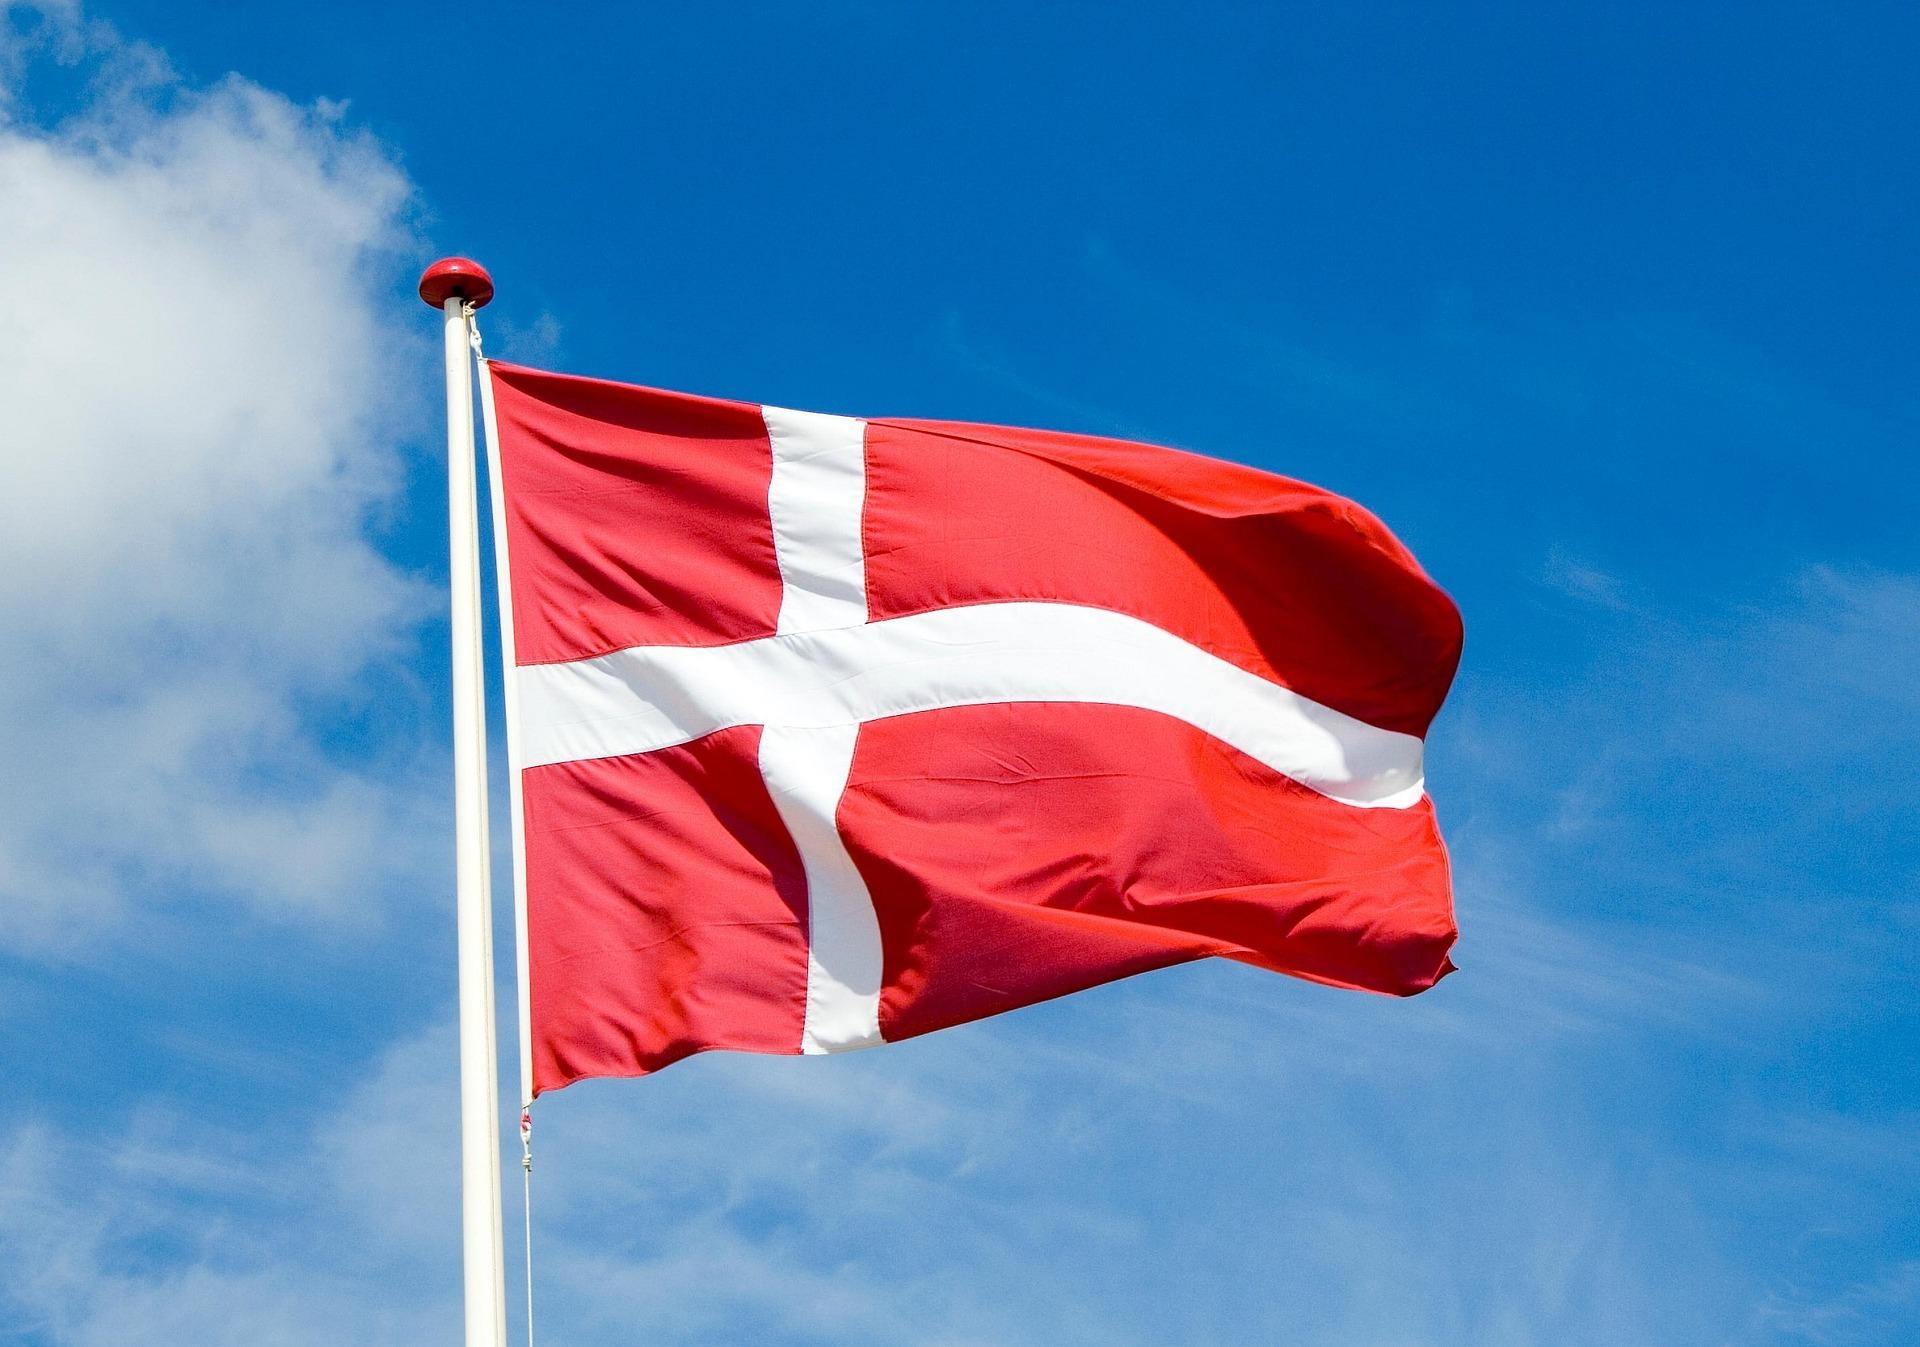 denmark-flag-1393114_1920.jpg